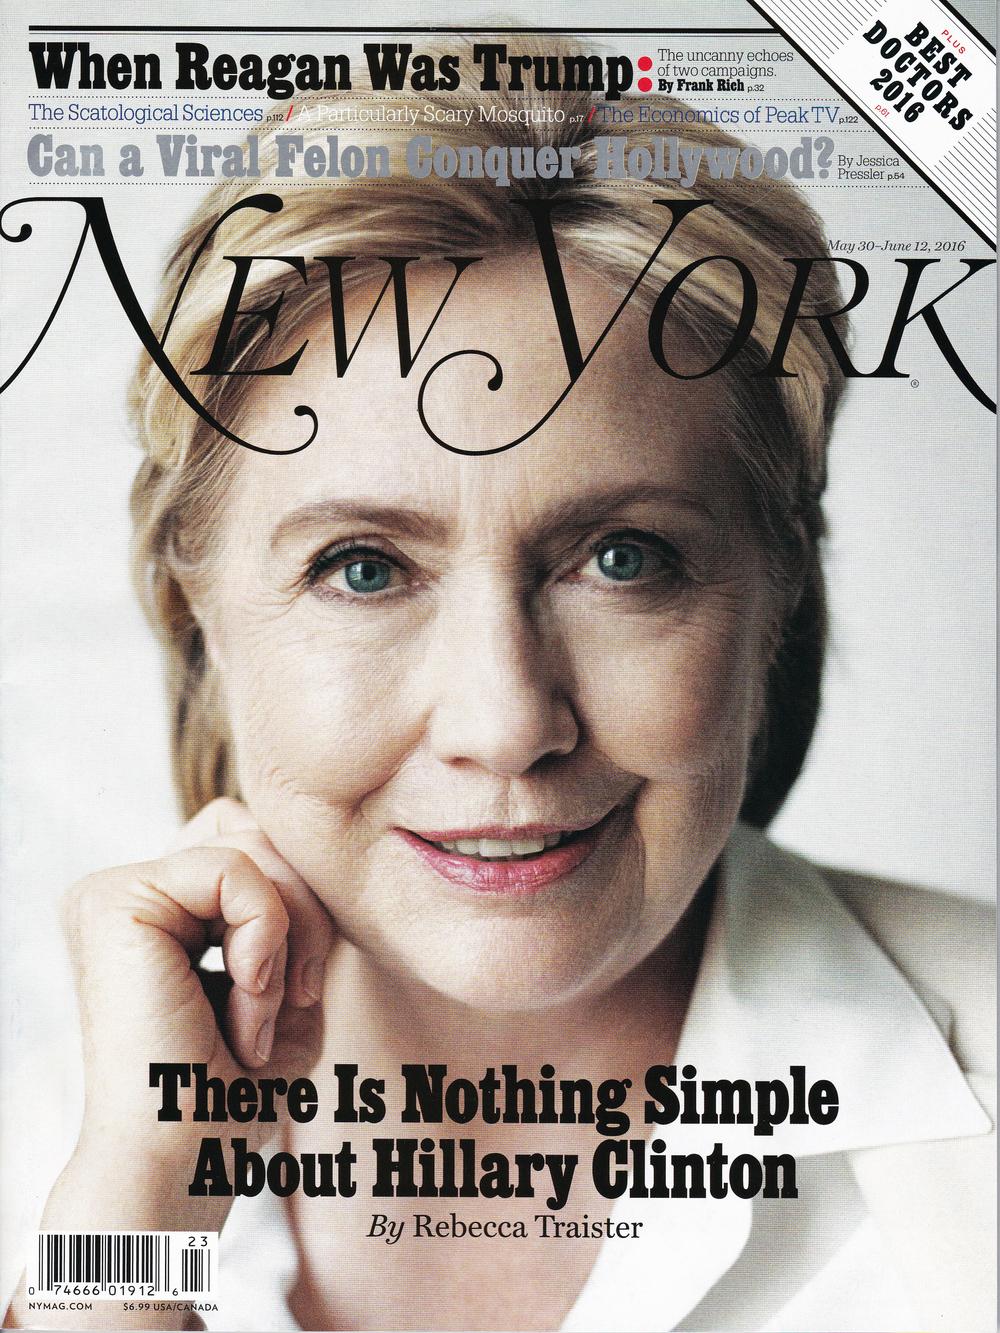 NY Magazine May 30_June 12 2016_Cover.2.jpg